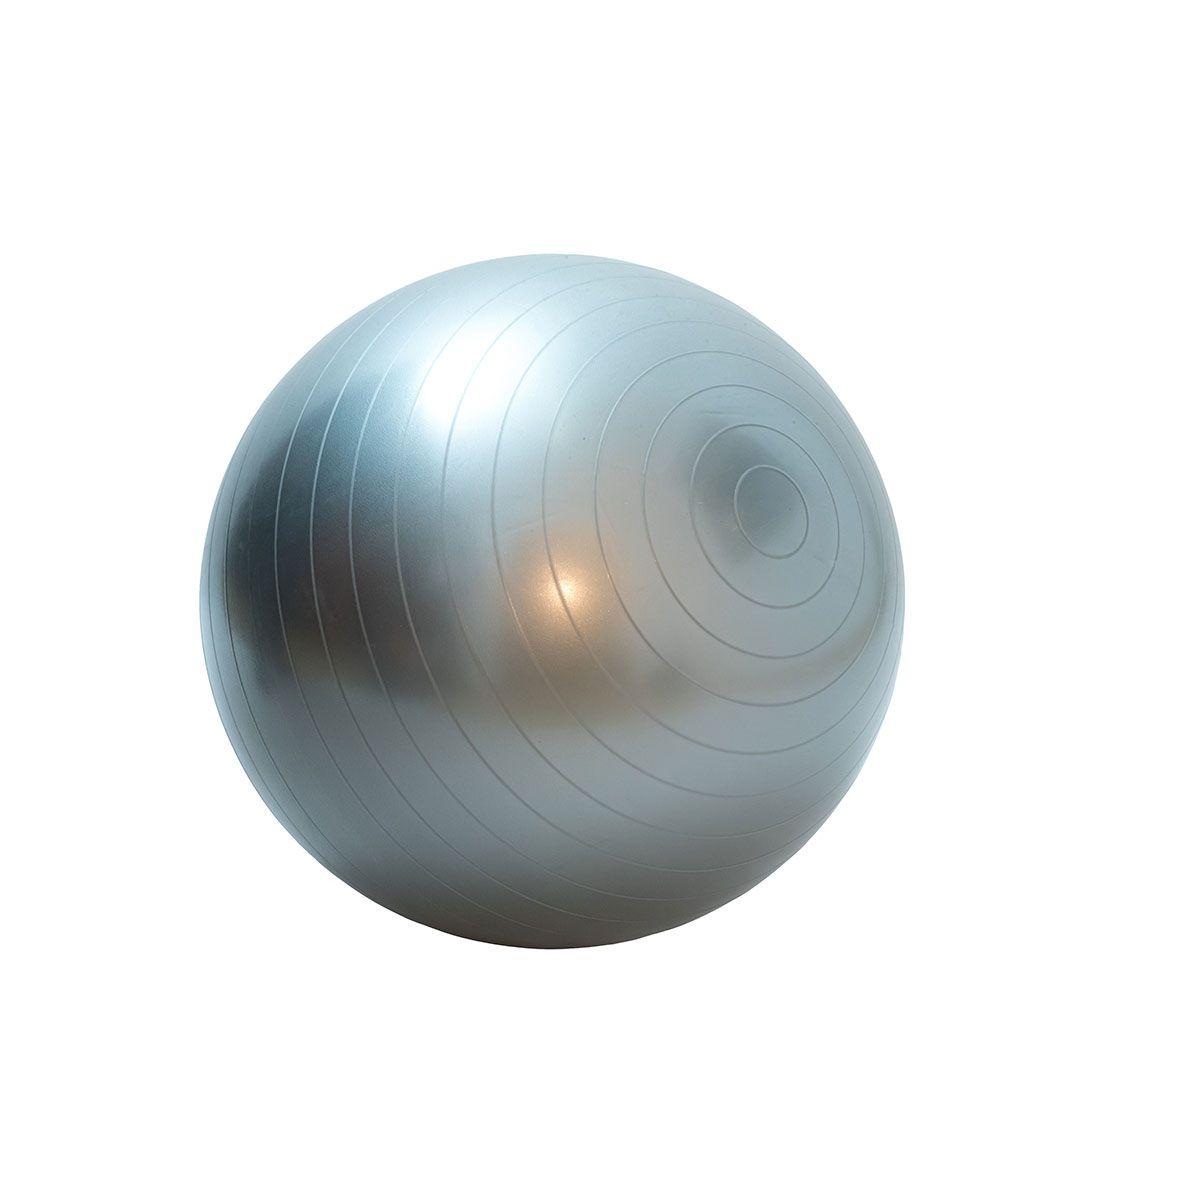 Bola de Ginástica e Pilates 65cm c/ Bomba de Ar - Wellness